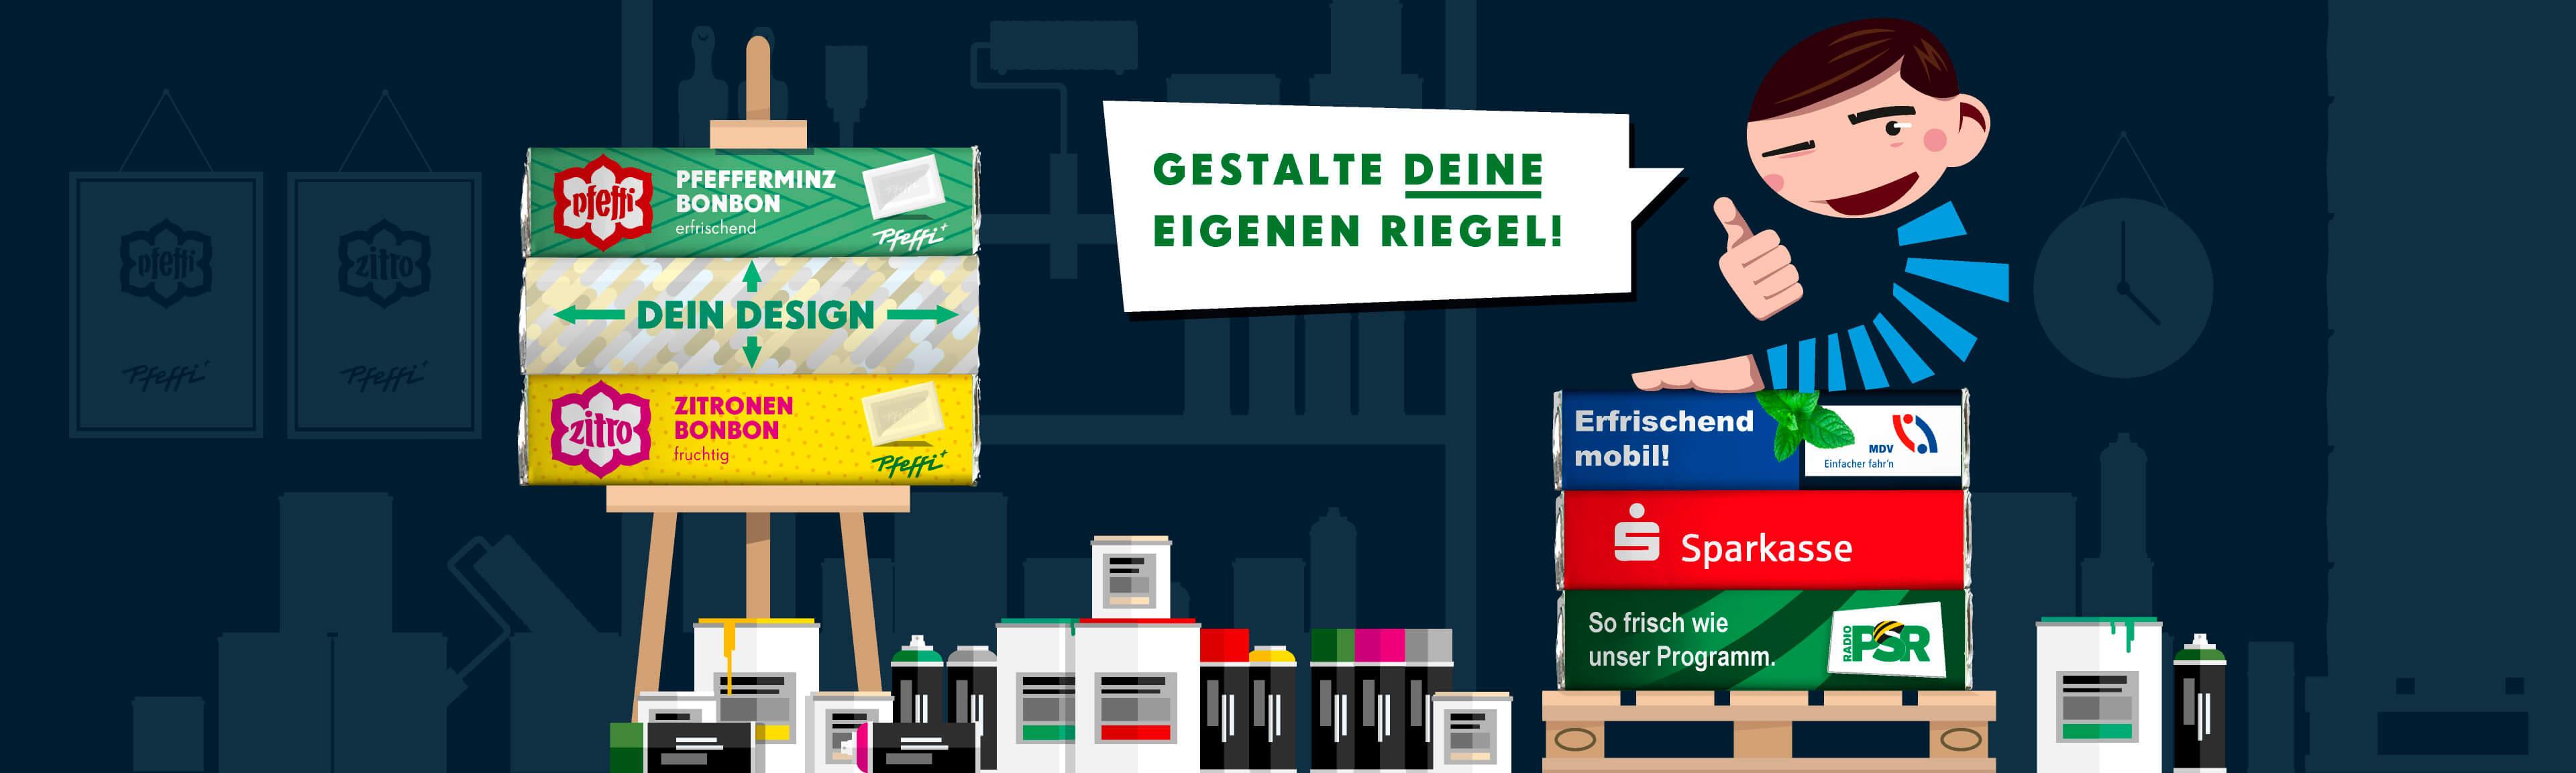 PFF_Header-Merchandise-Unterseite